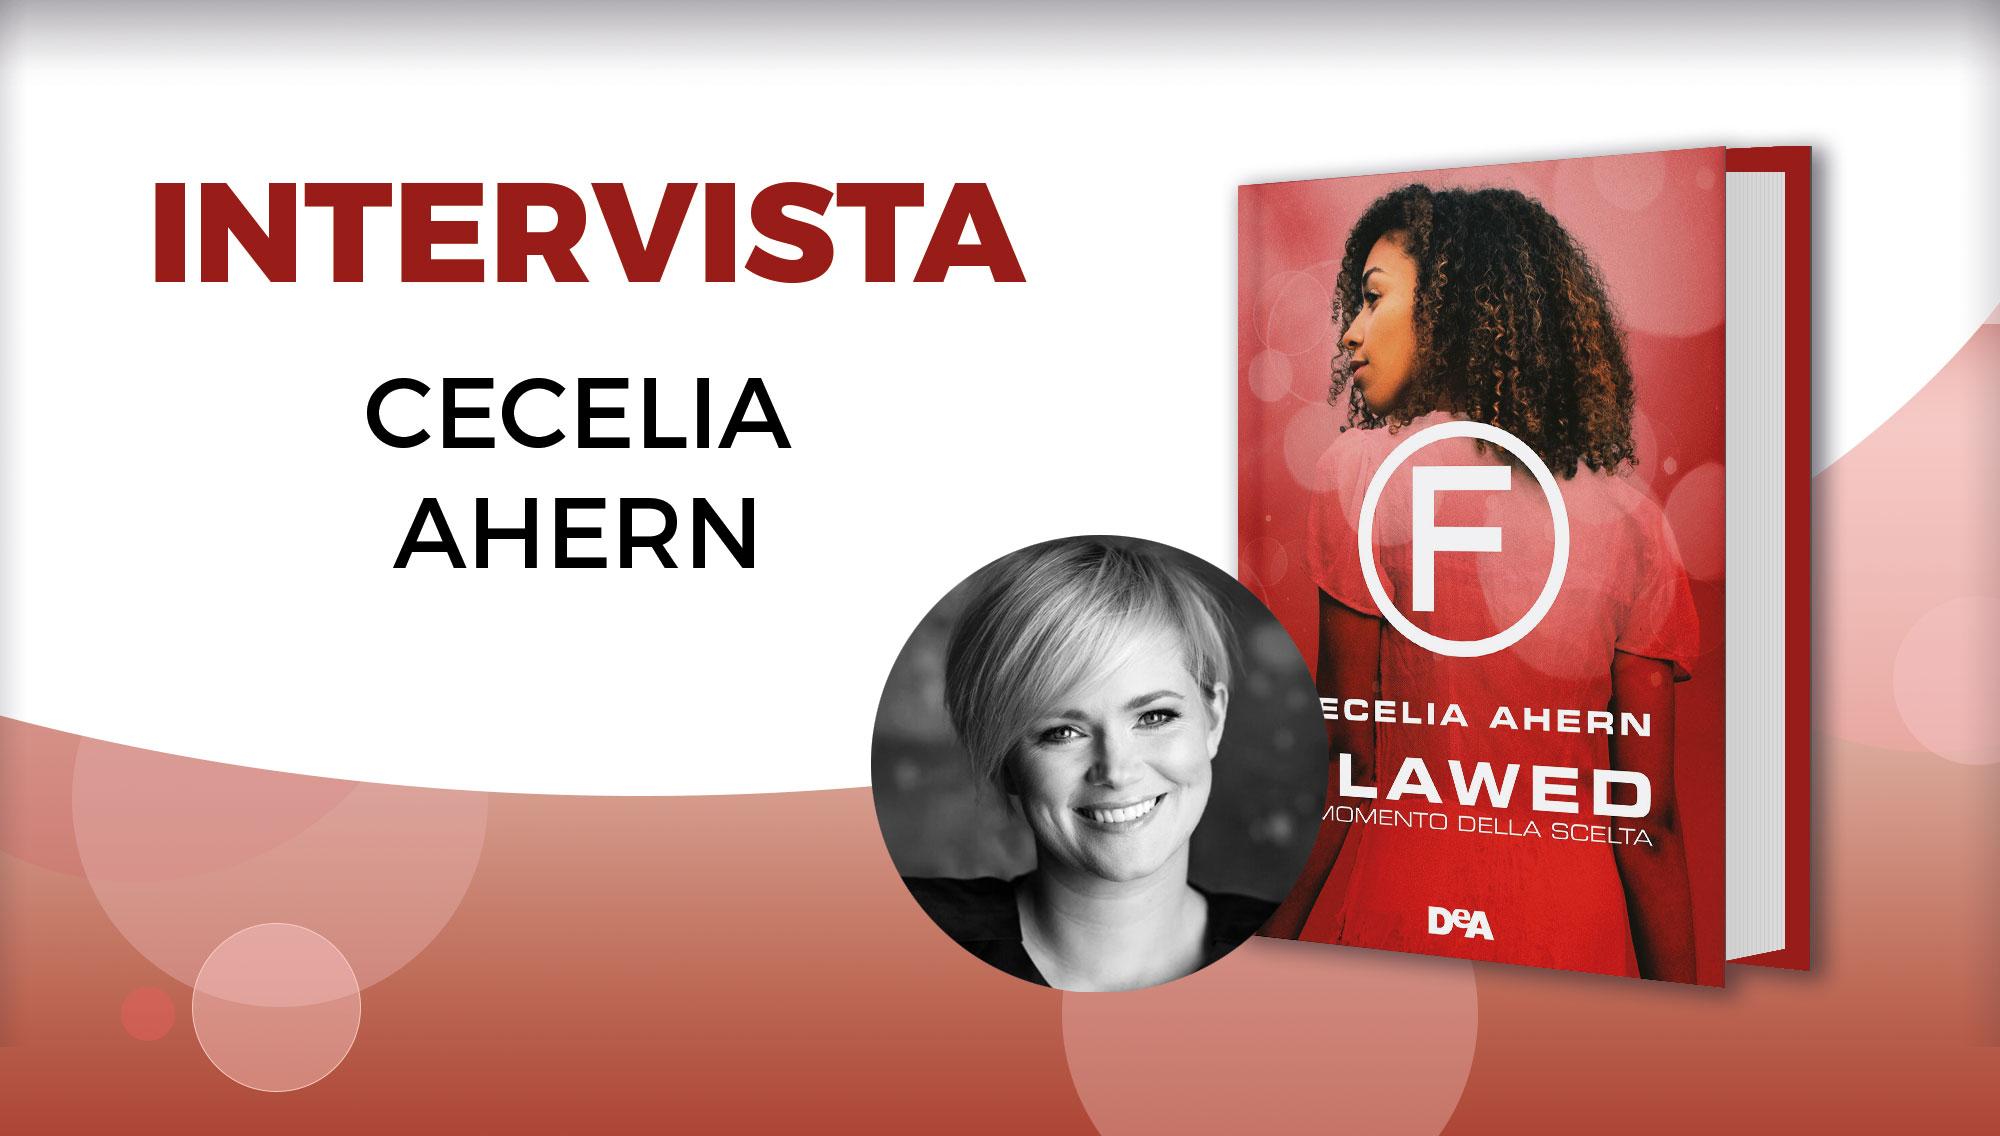 Intervista a Cecelia Ahern